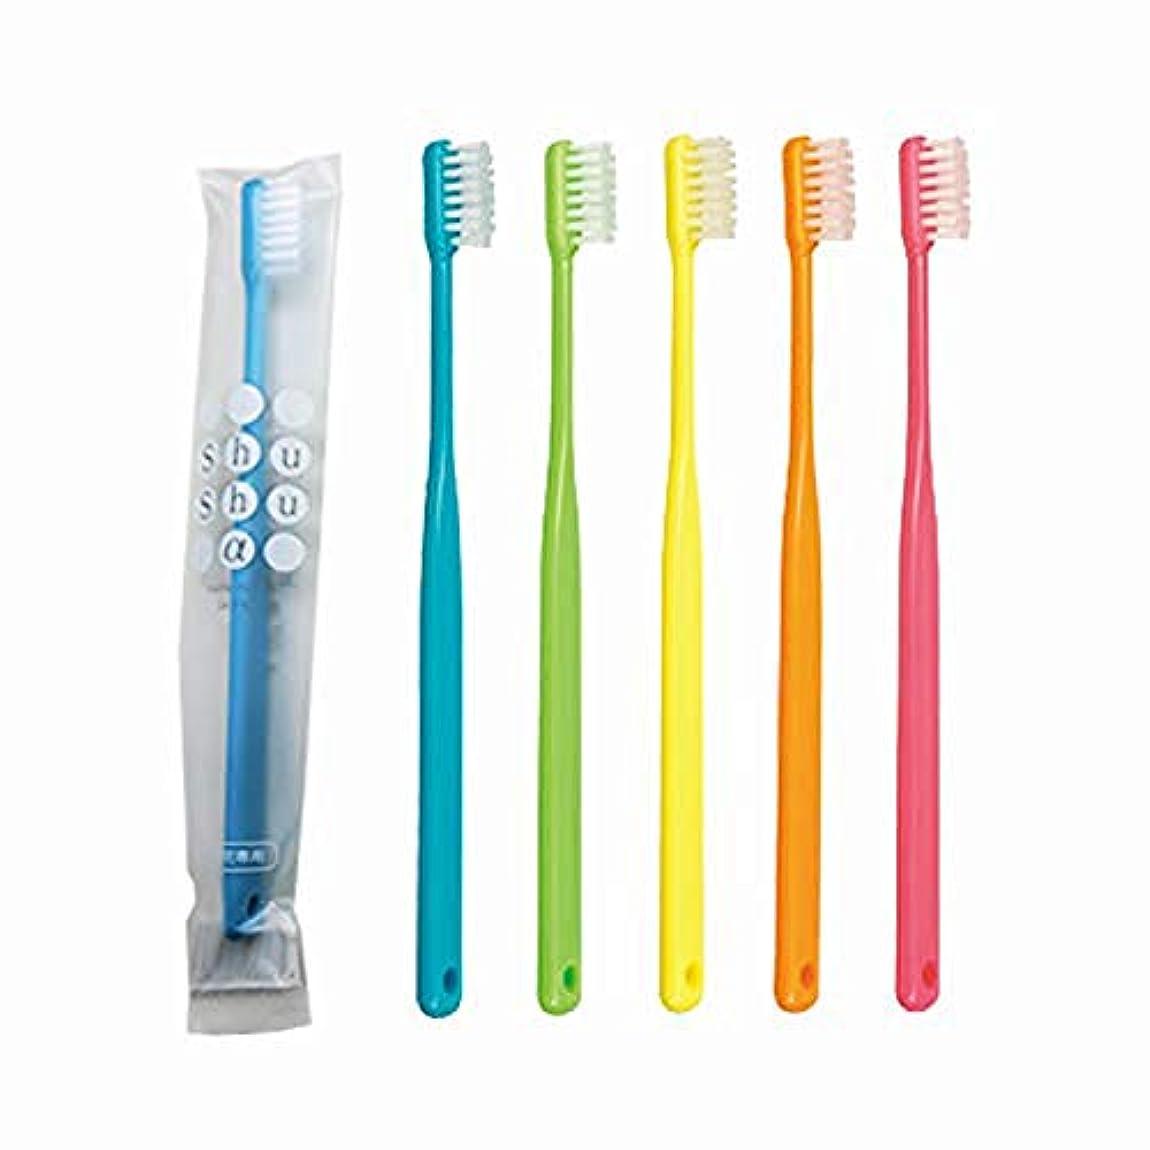 持っている妨げる有効歯科専売品 大人用歯ブラシ FEED Shu Shu α(シュシュアルファ)×20本 S (やわらかめ)